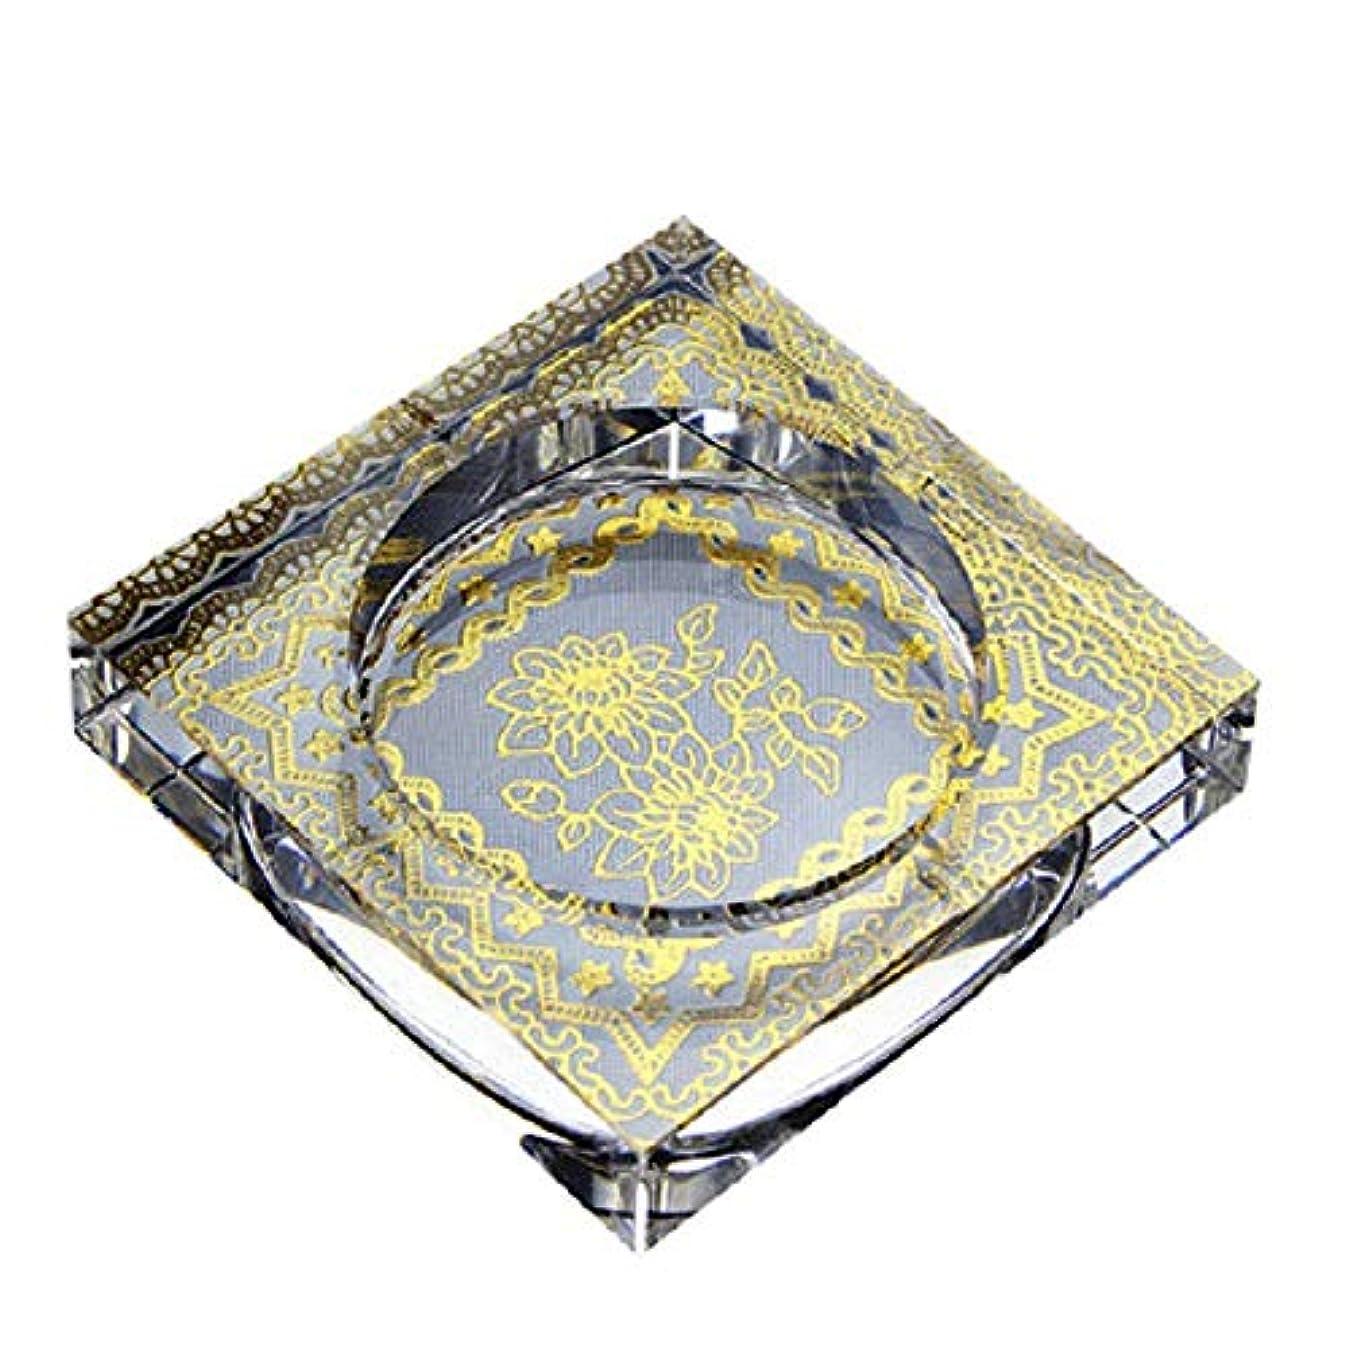 風景酔っ払い生活タバコ、ギフトおよび総本店の装飾のための灰皿の円形の光沢のある水晶灰皿